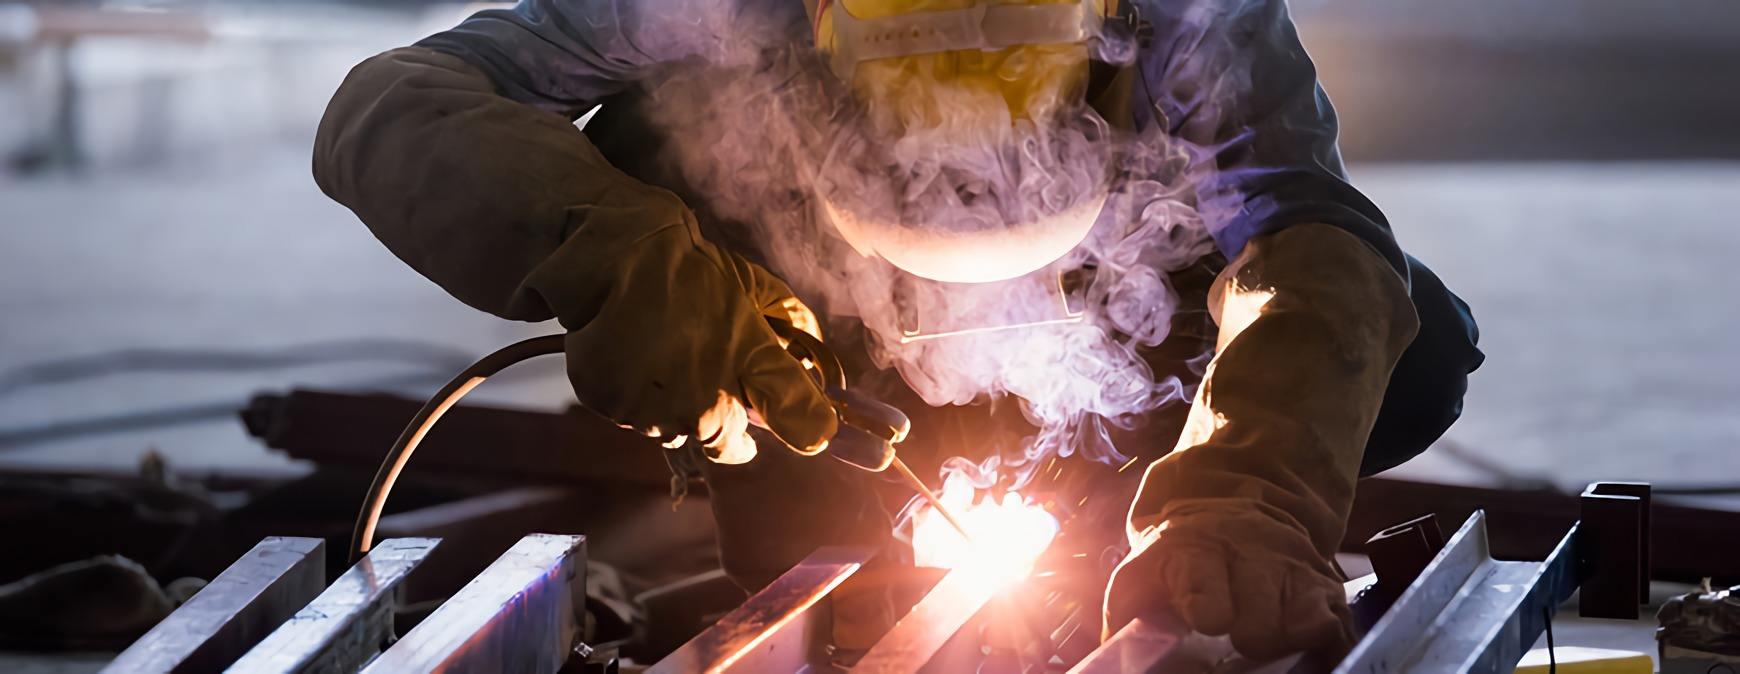 welding in different industries